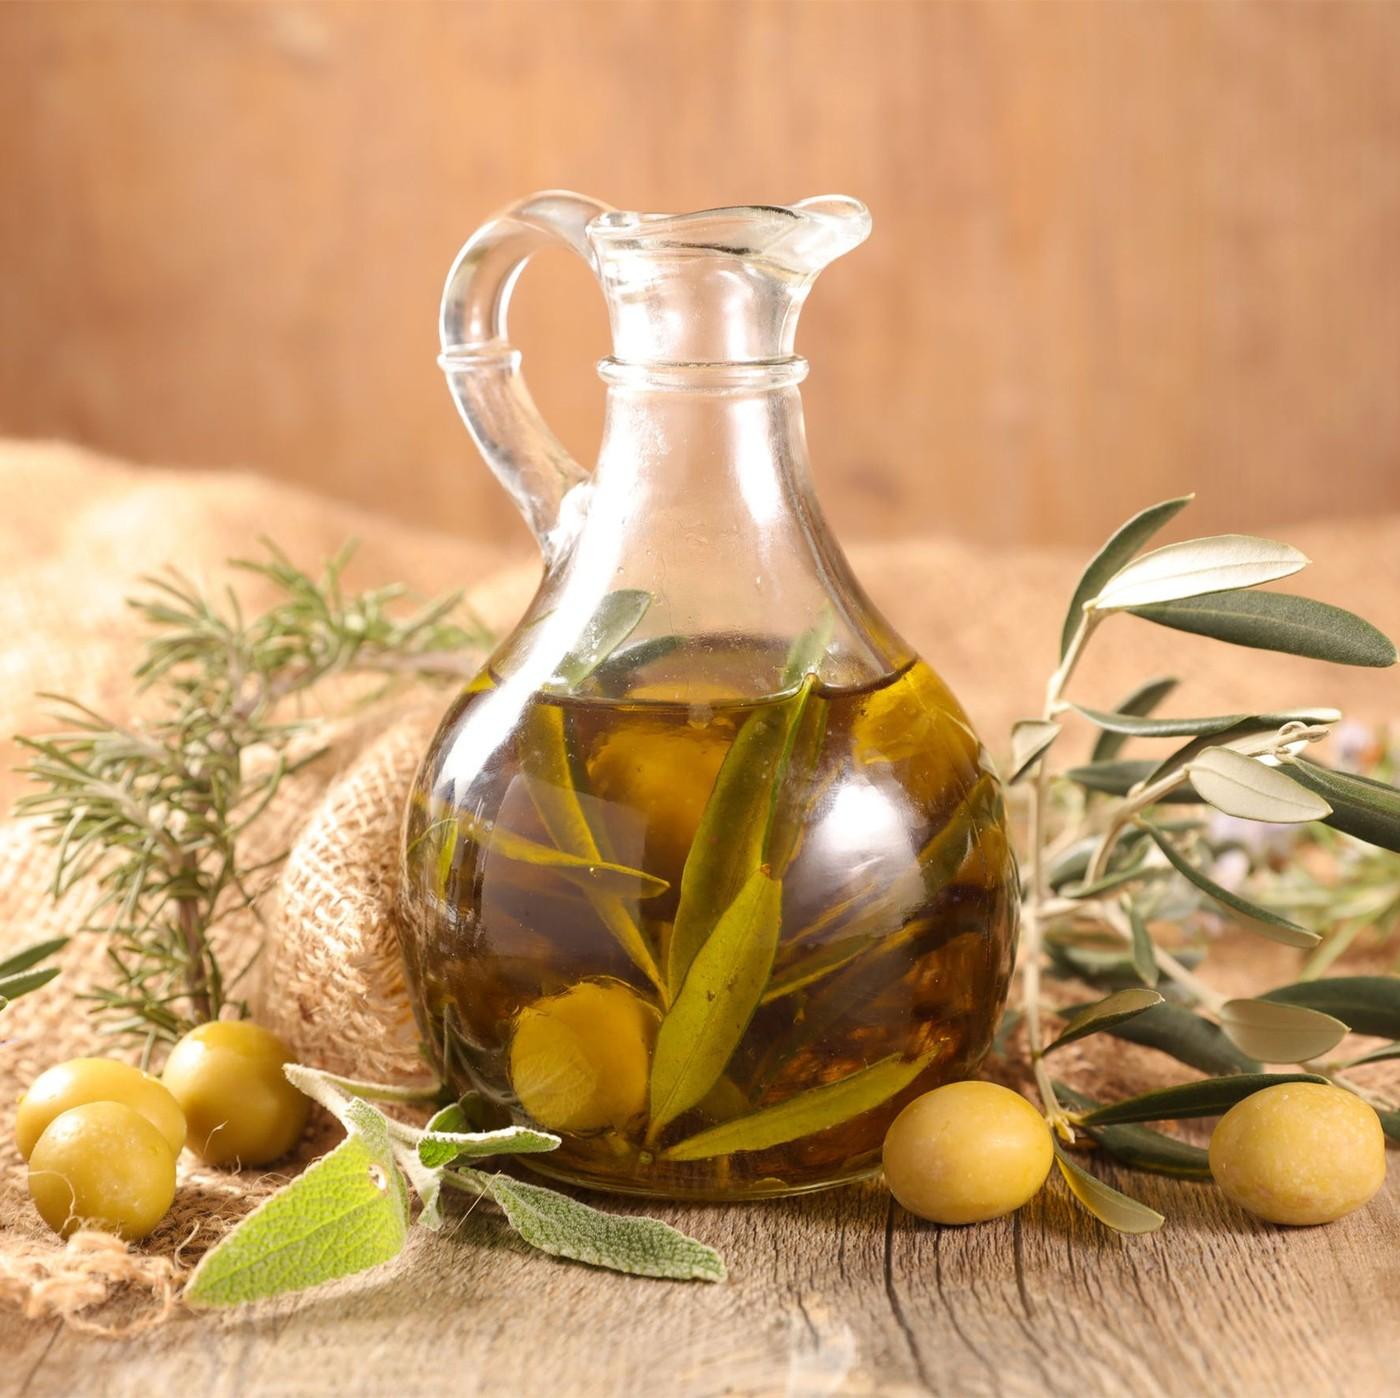 receta de Aceite de oliva virgen extra